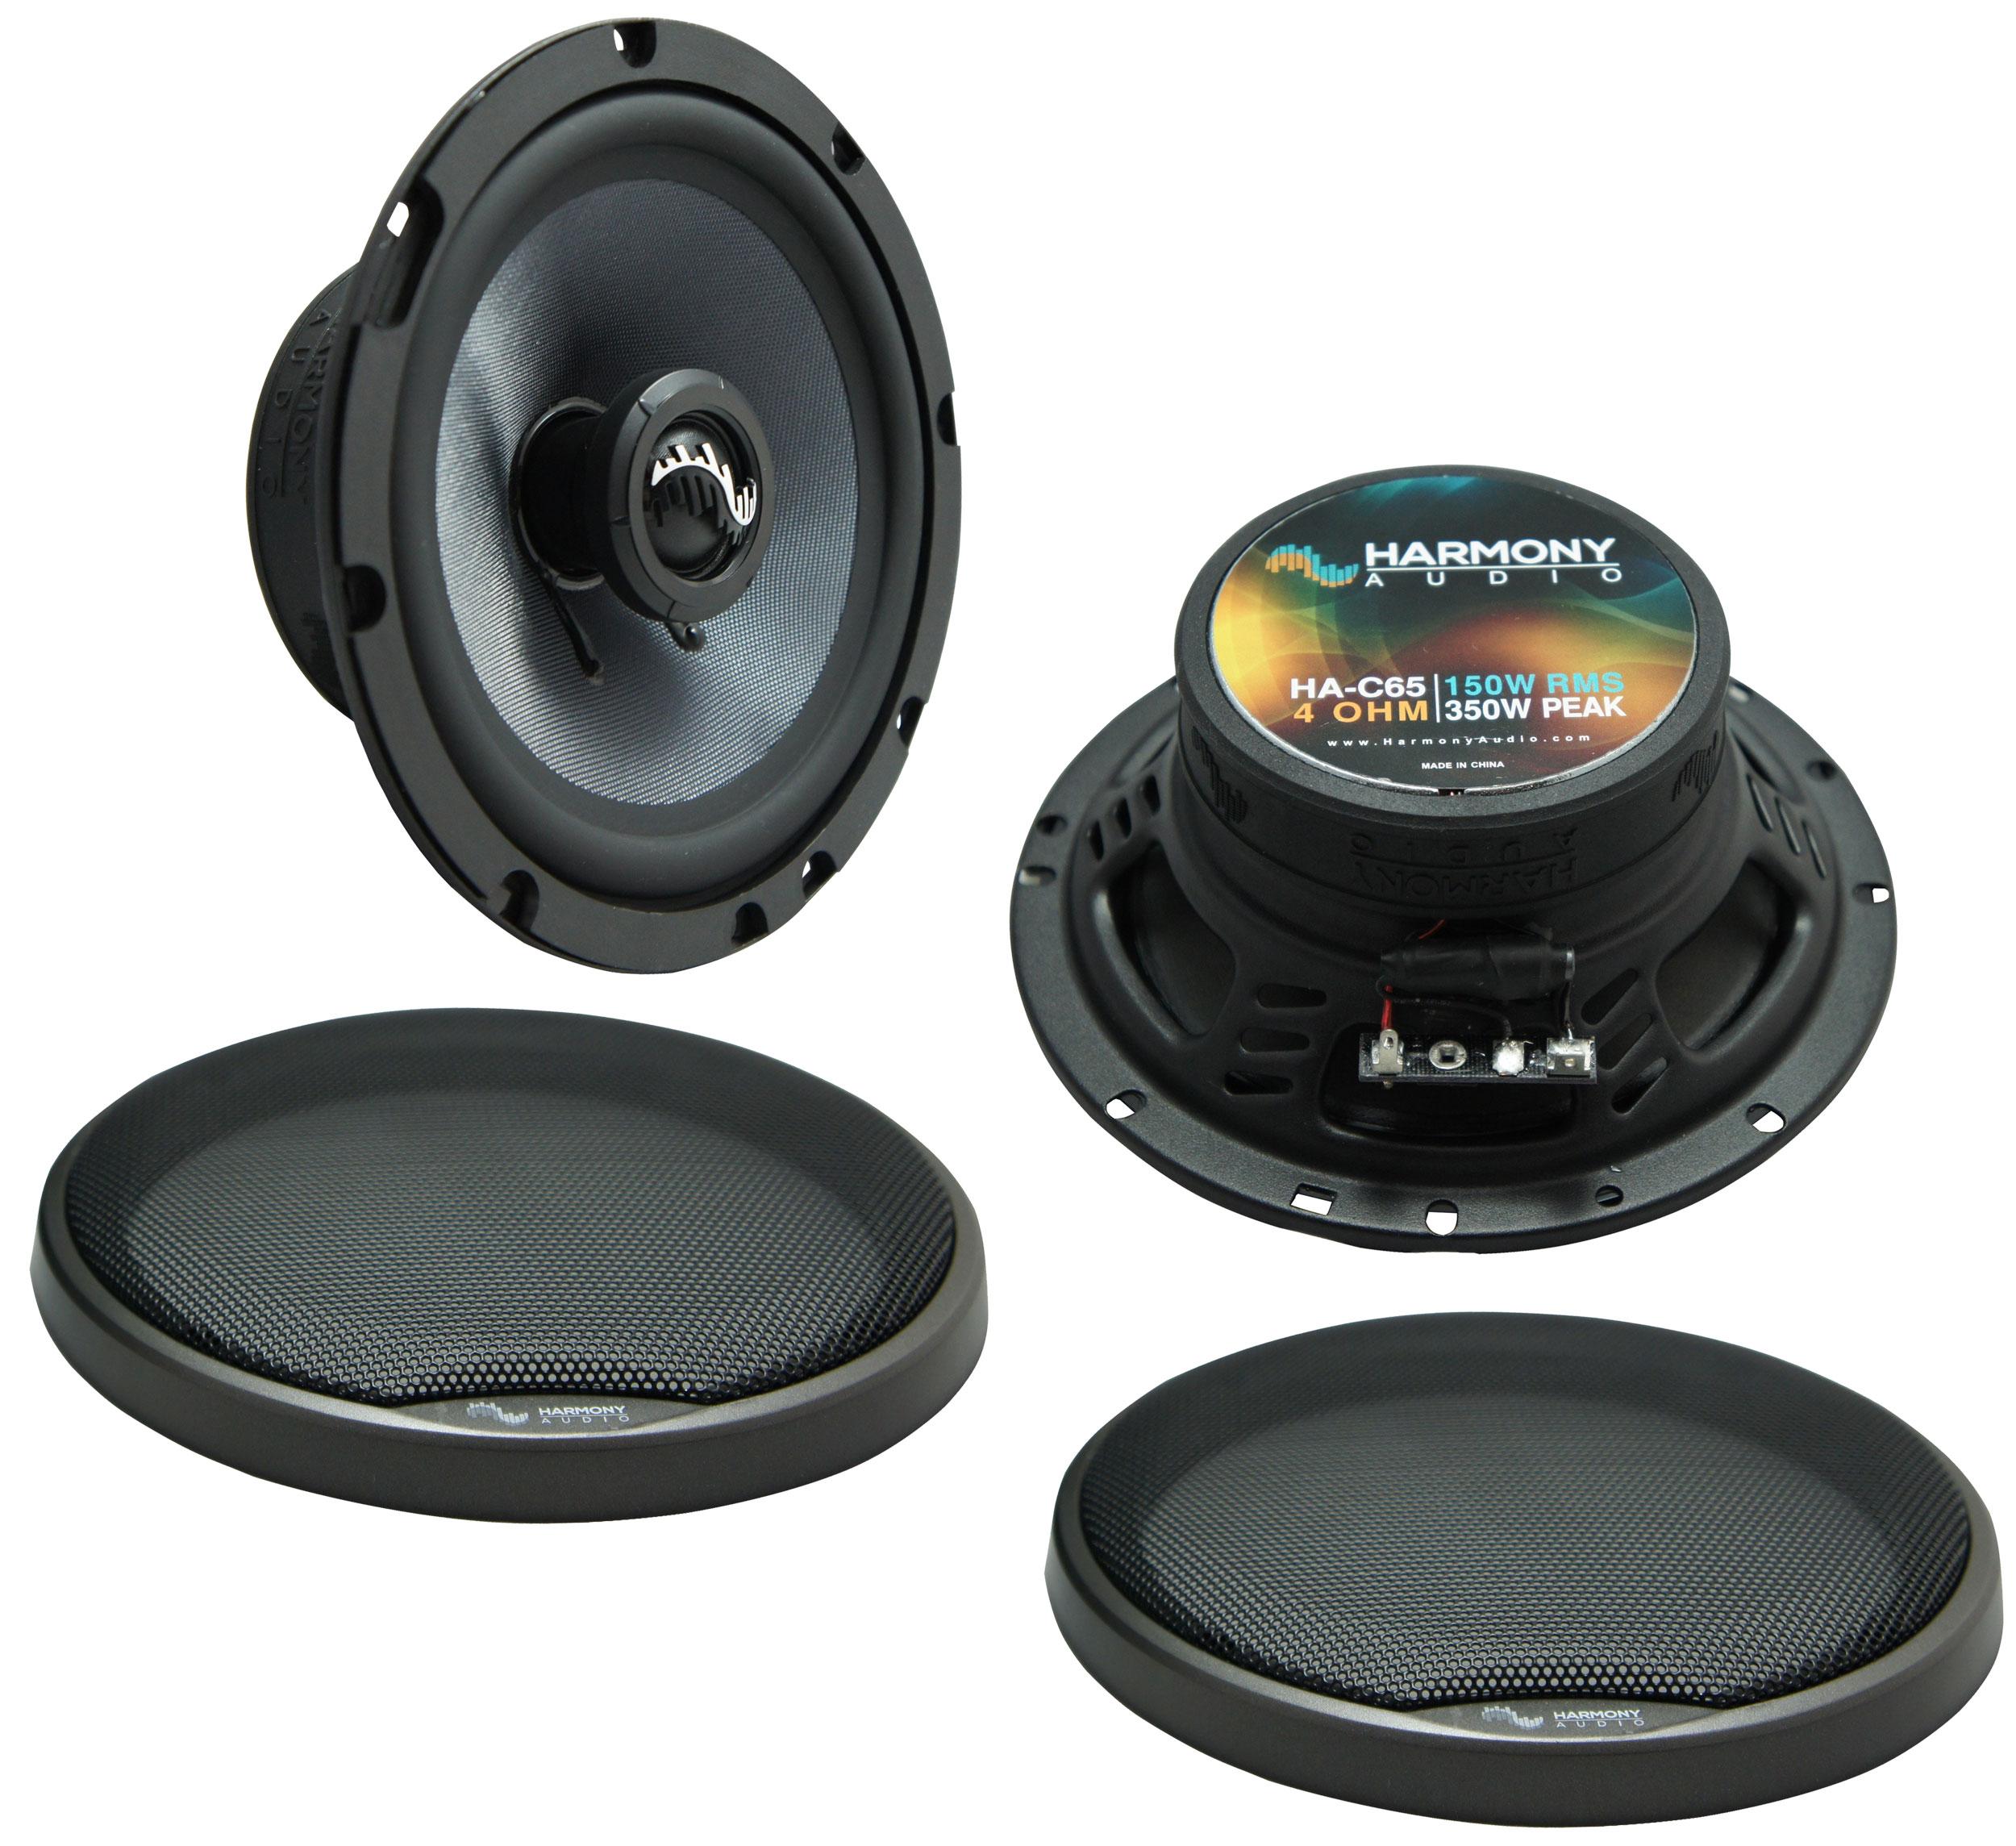 Fits BMW X6 2008-2015 Front Door Replacement Speaker Harmony HA-C65 Premium Speakers New